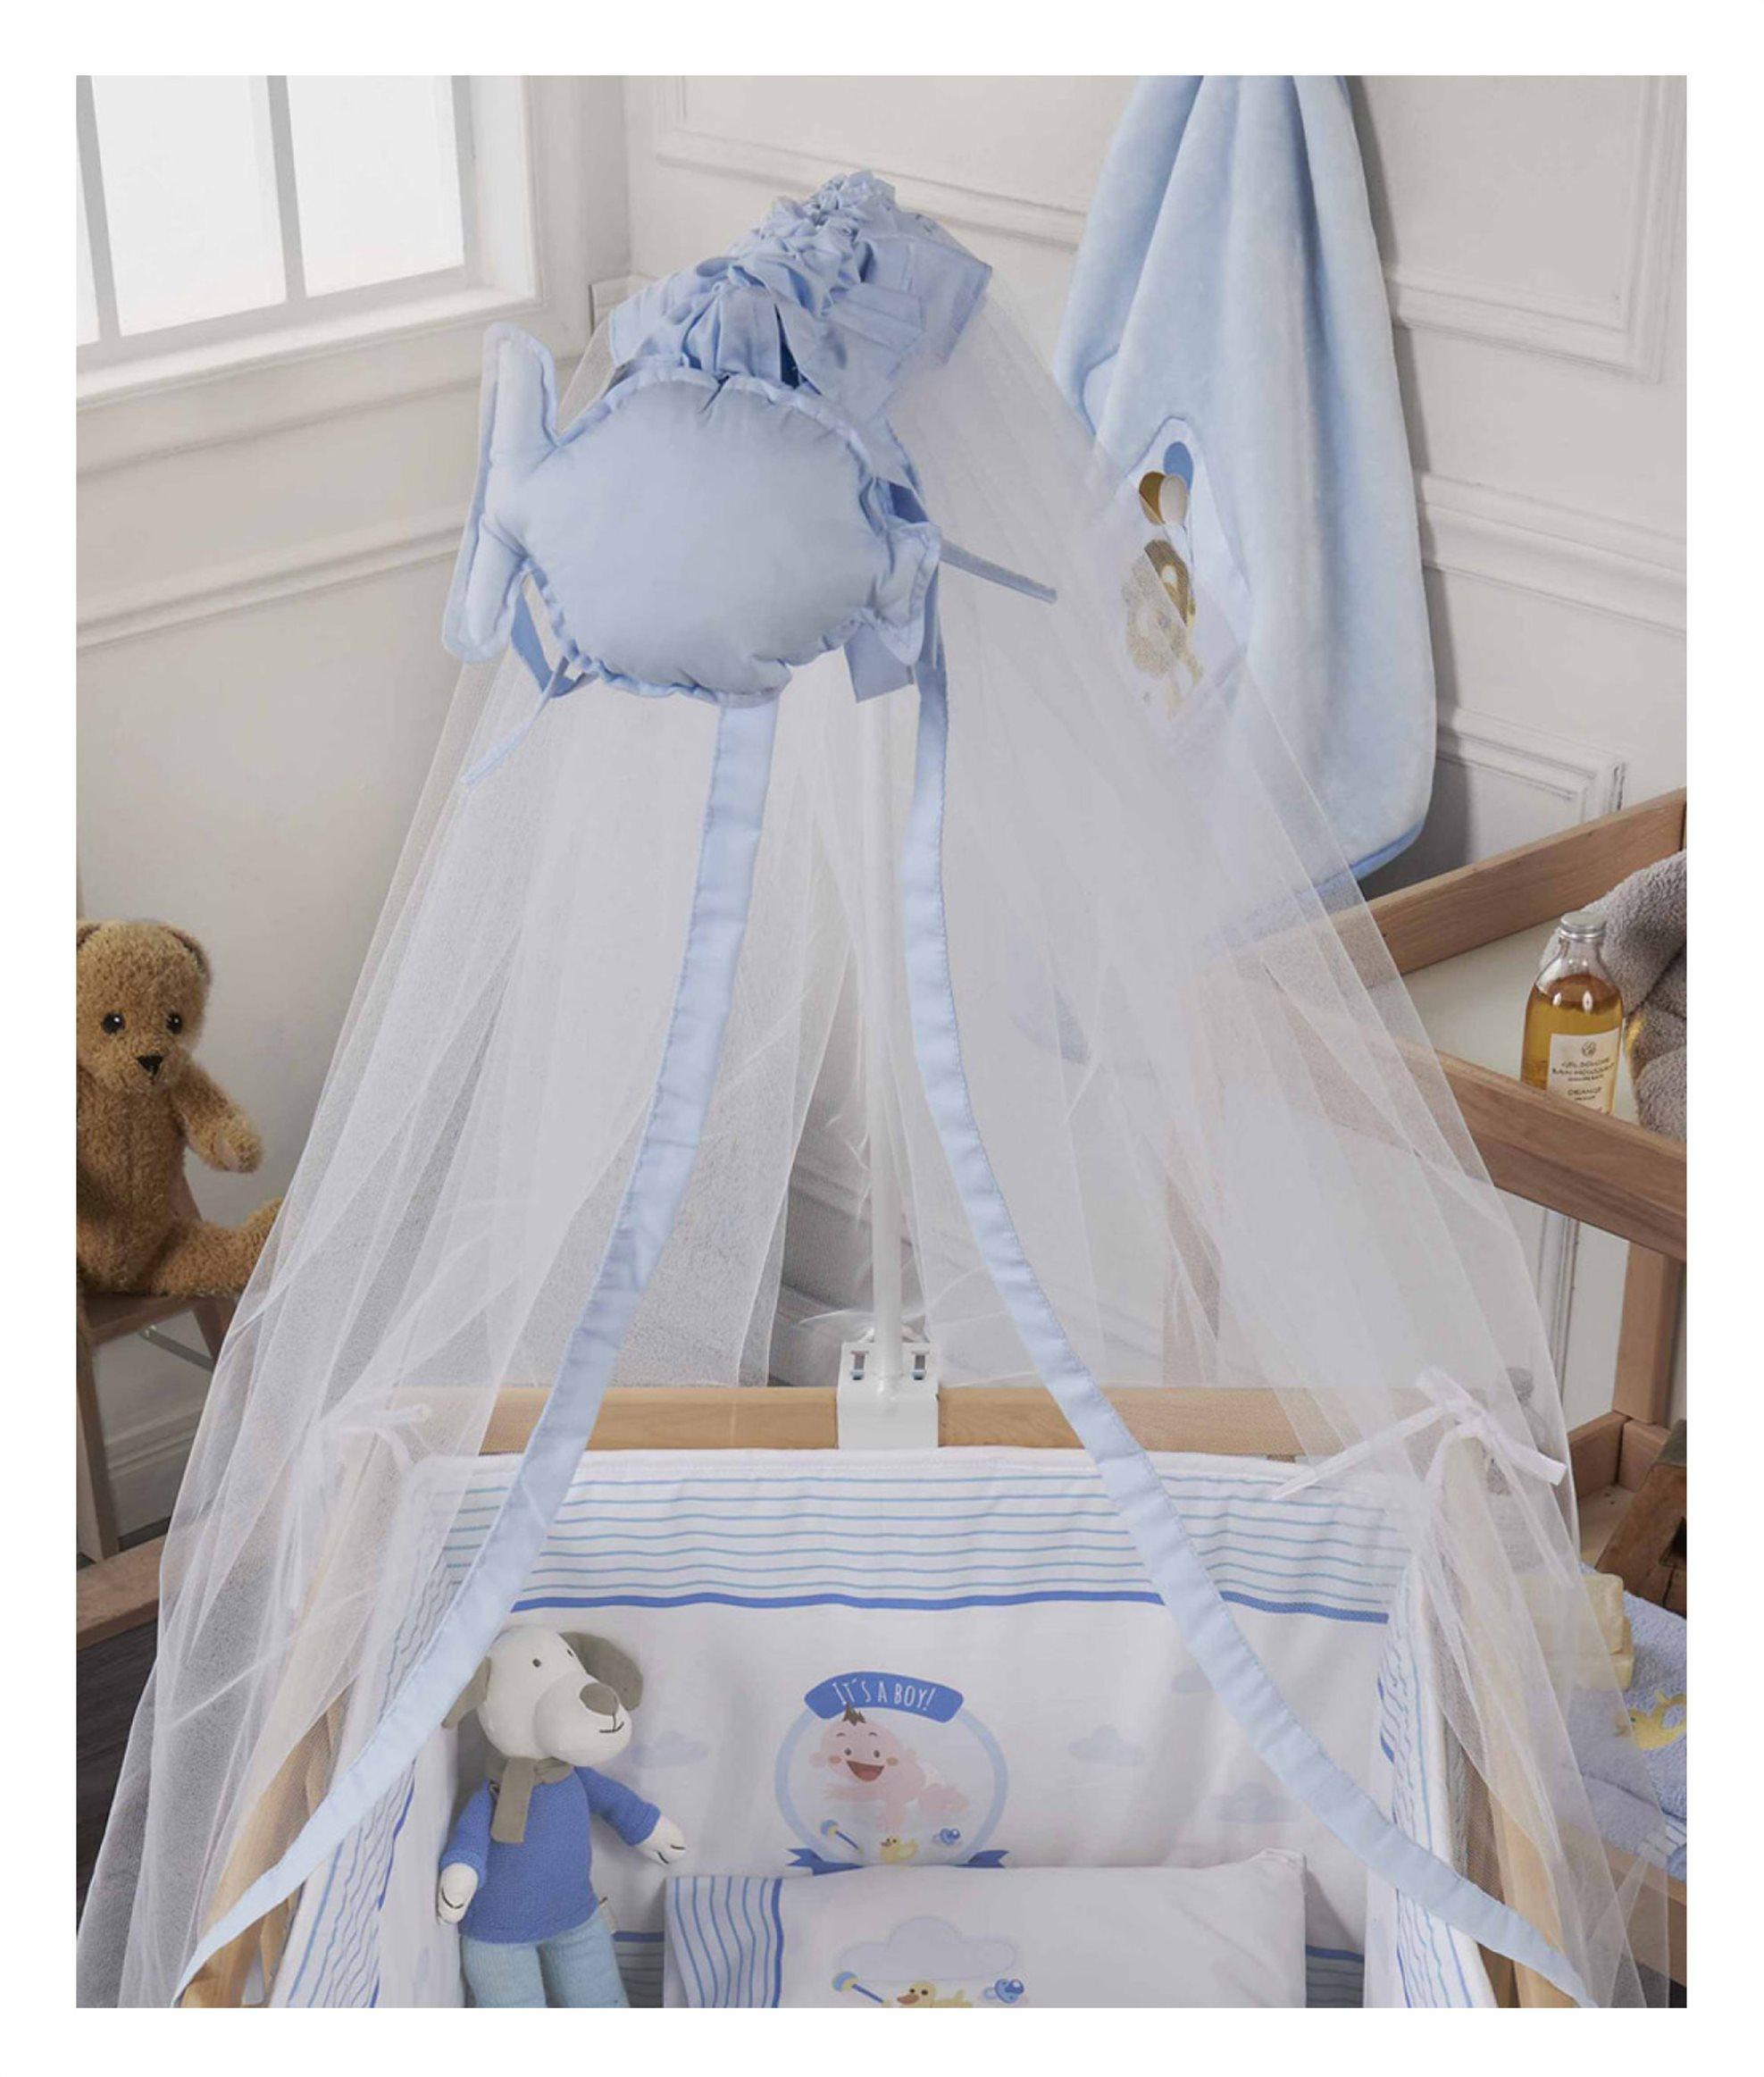 Kουνουπιέρα MOSQUITO NET 19 170x440 ΚΕΝΤΙΑ - 000045743 - Γαλάζιο home   παιδια   προίκα μωρού